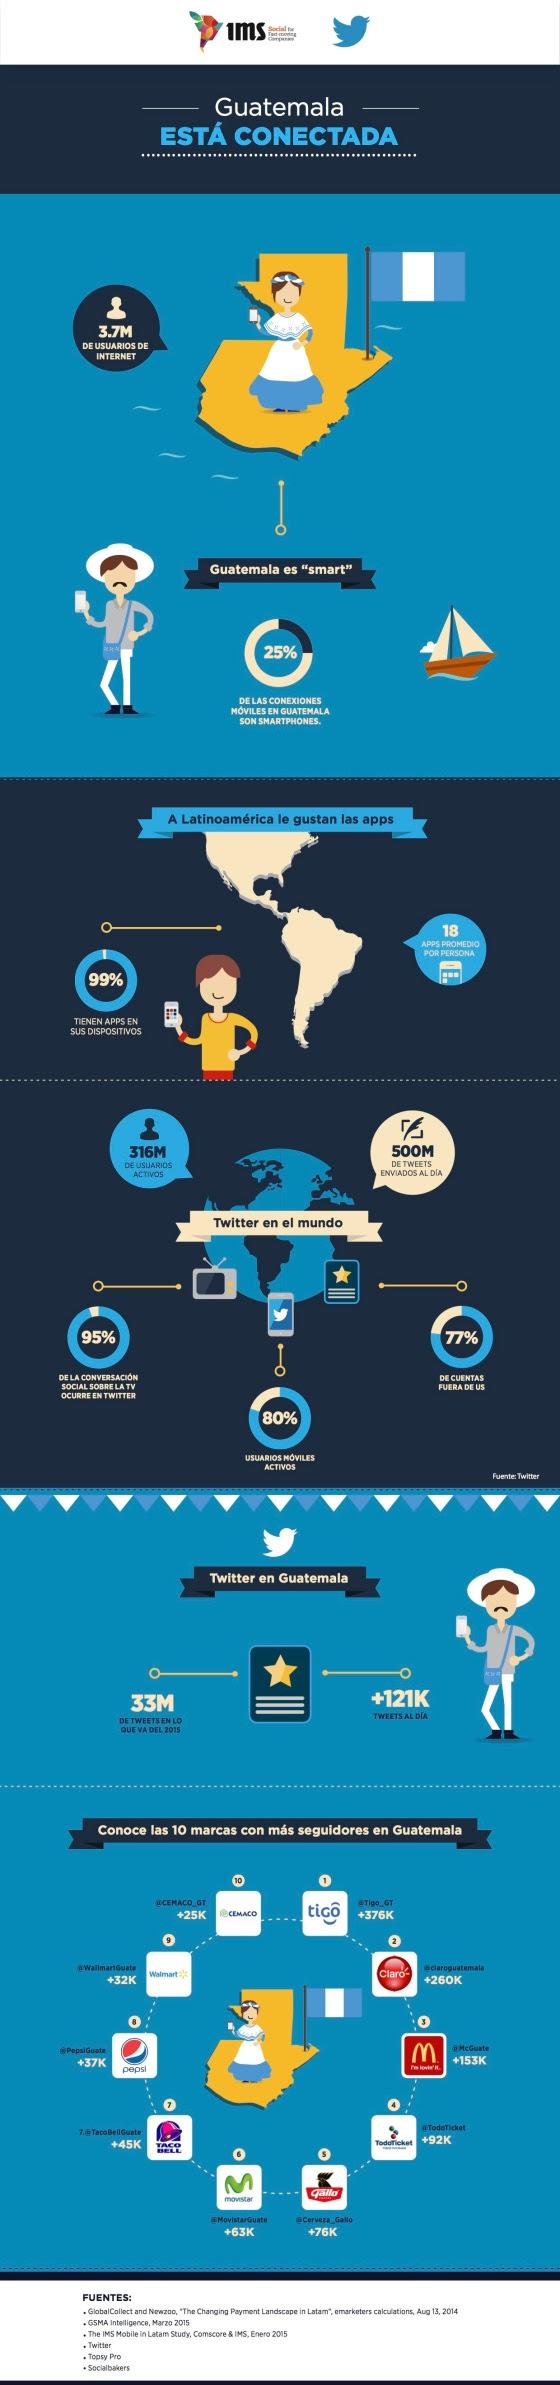 Twitter en Guatemala